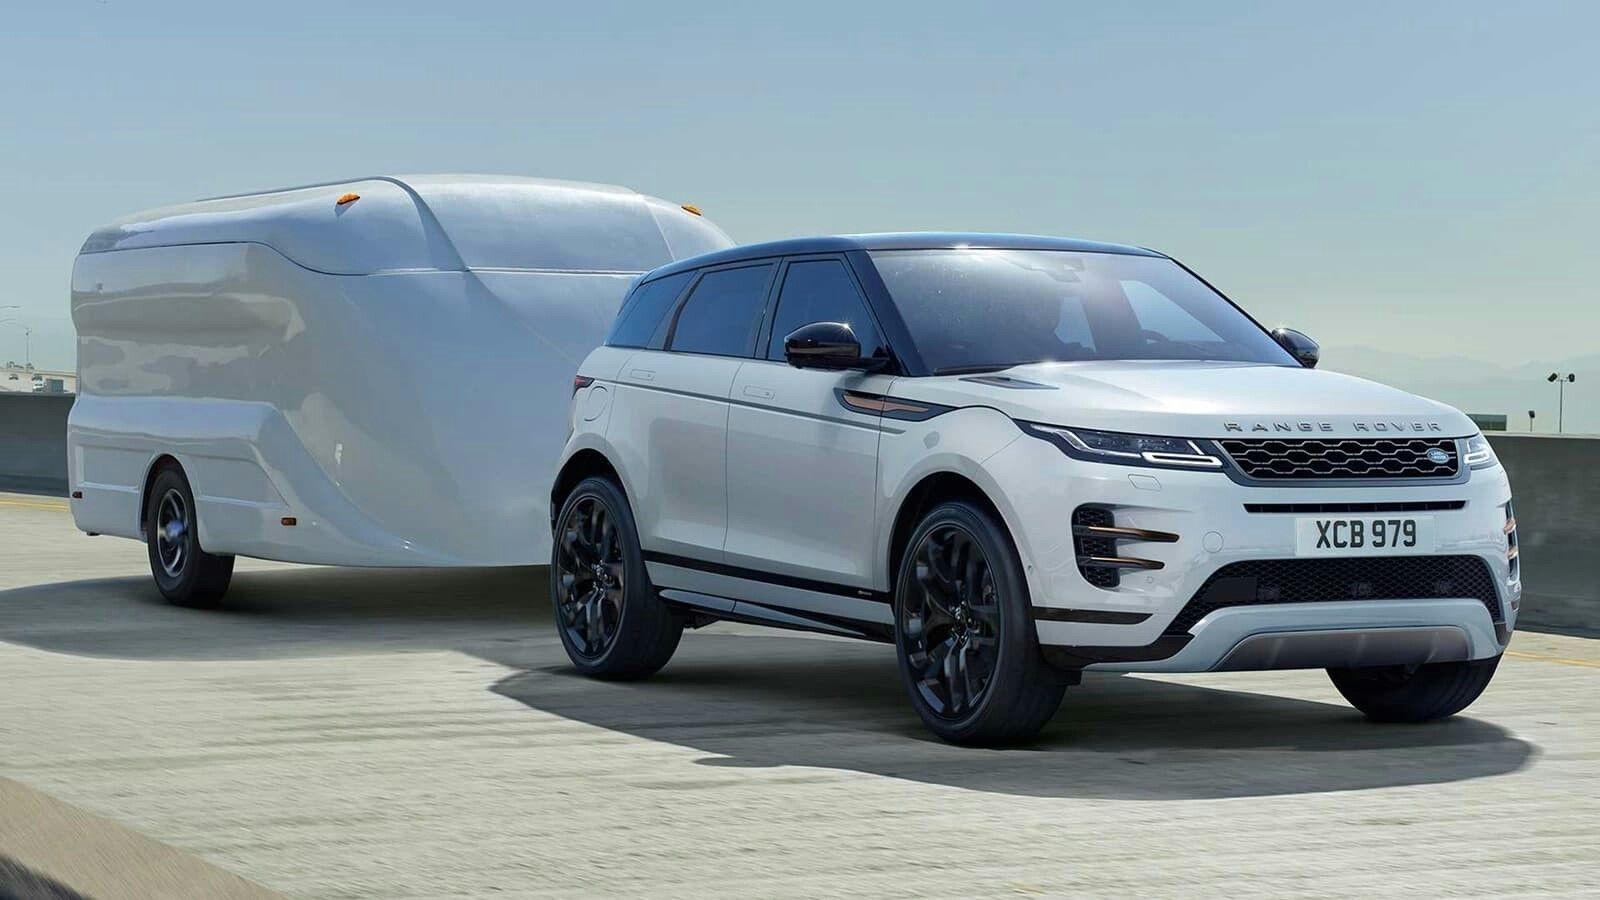 Range Rover Evoque 2019 White Carros Y Motos Camionetas Vehiculos